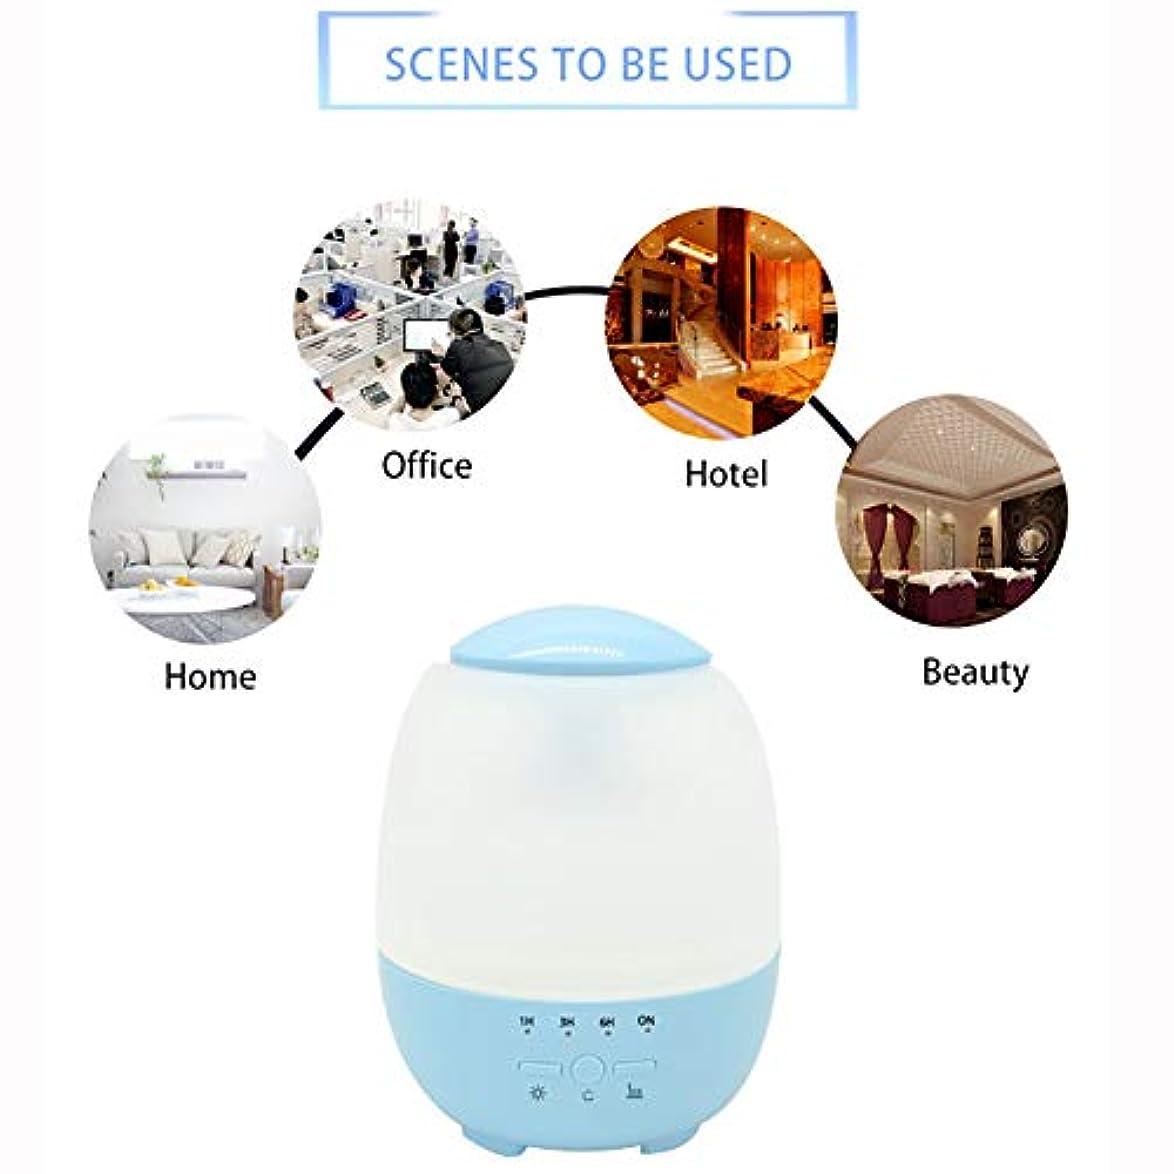 しがみつく自分吸い込むエッセンシャルオイルディフューザーと加湿器、ミストエッセンシャルオイルアロマ加湿器用の超音波アロマディフューザー、7色LEDライト,Blue